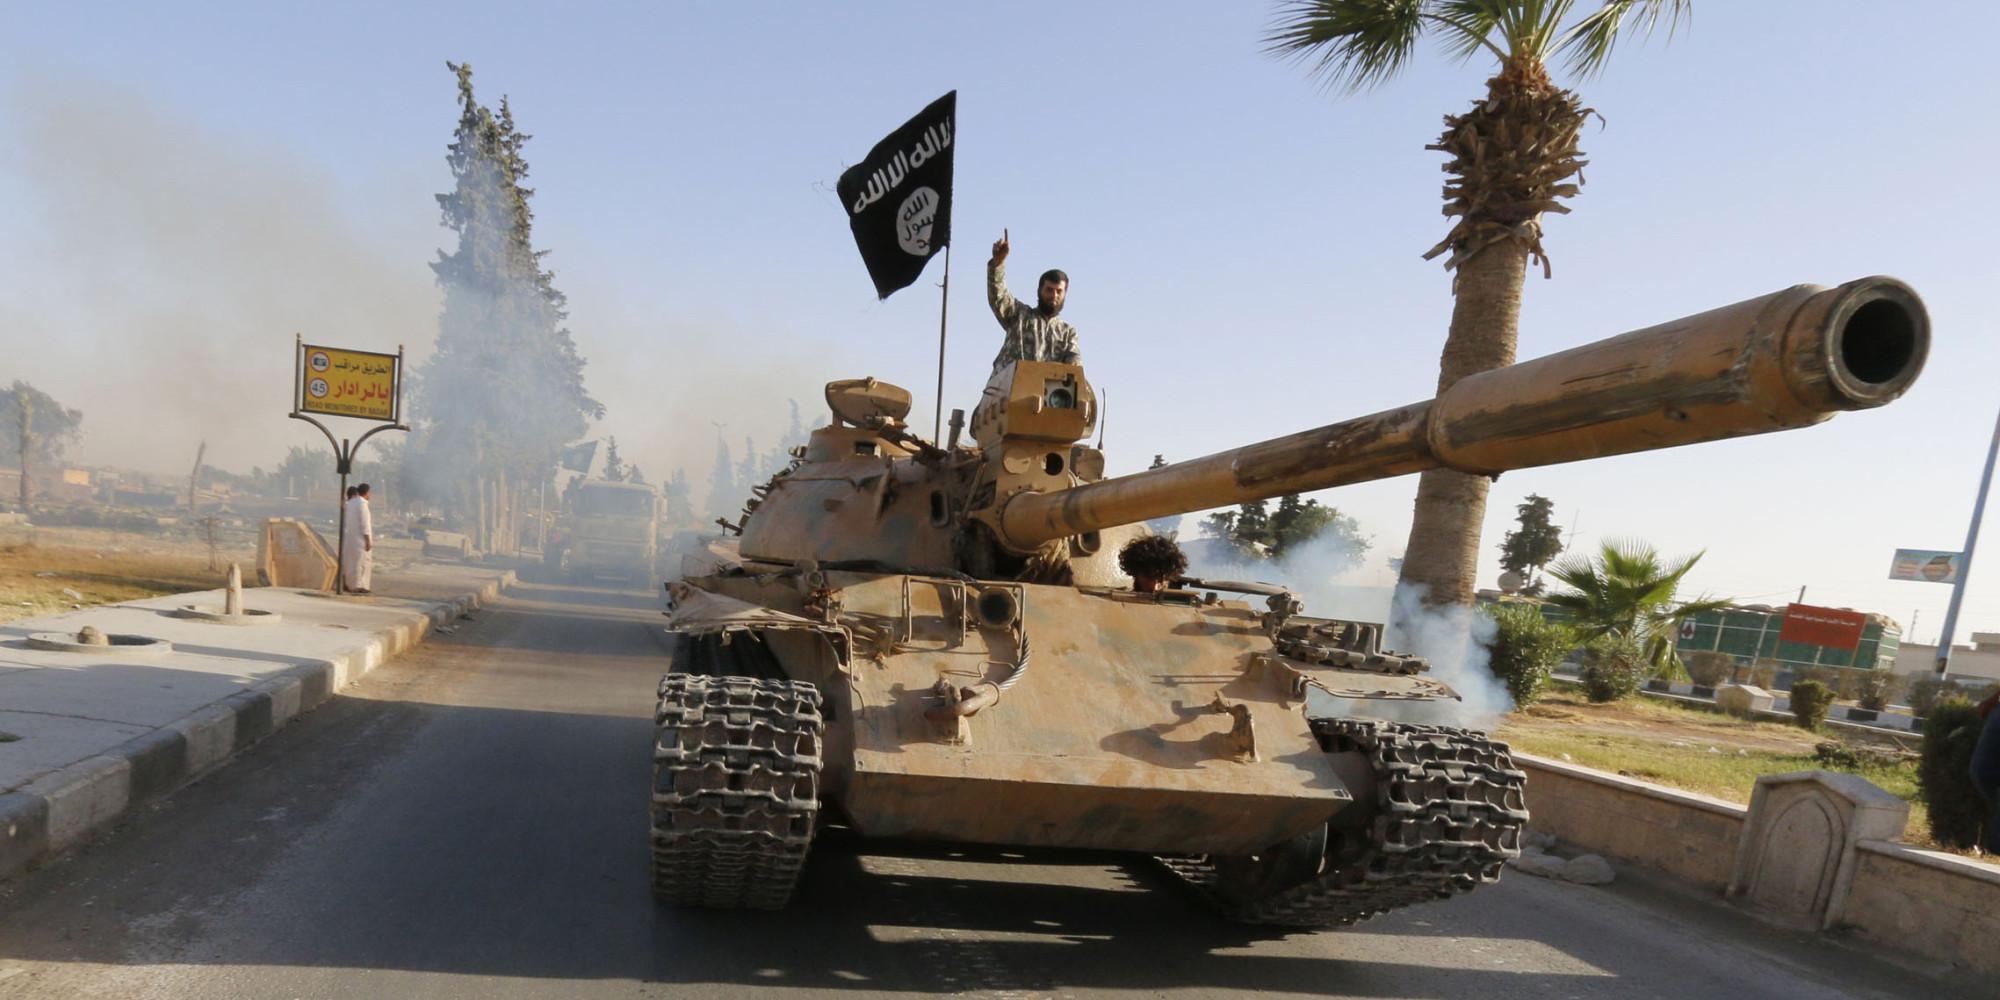 Le matériel militaire trouvé à Mossoul à plus renforcé la communication de Daesh que sa réelle puissance militaire